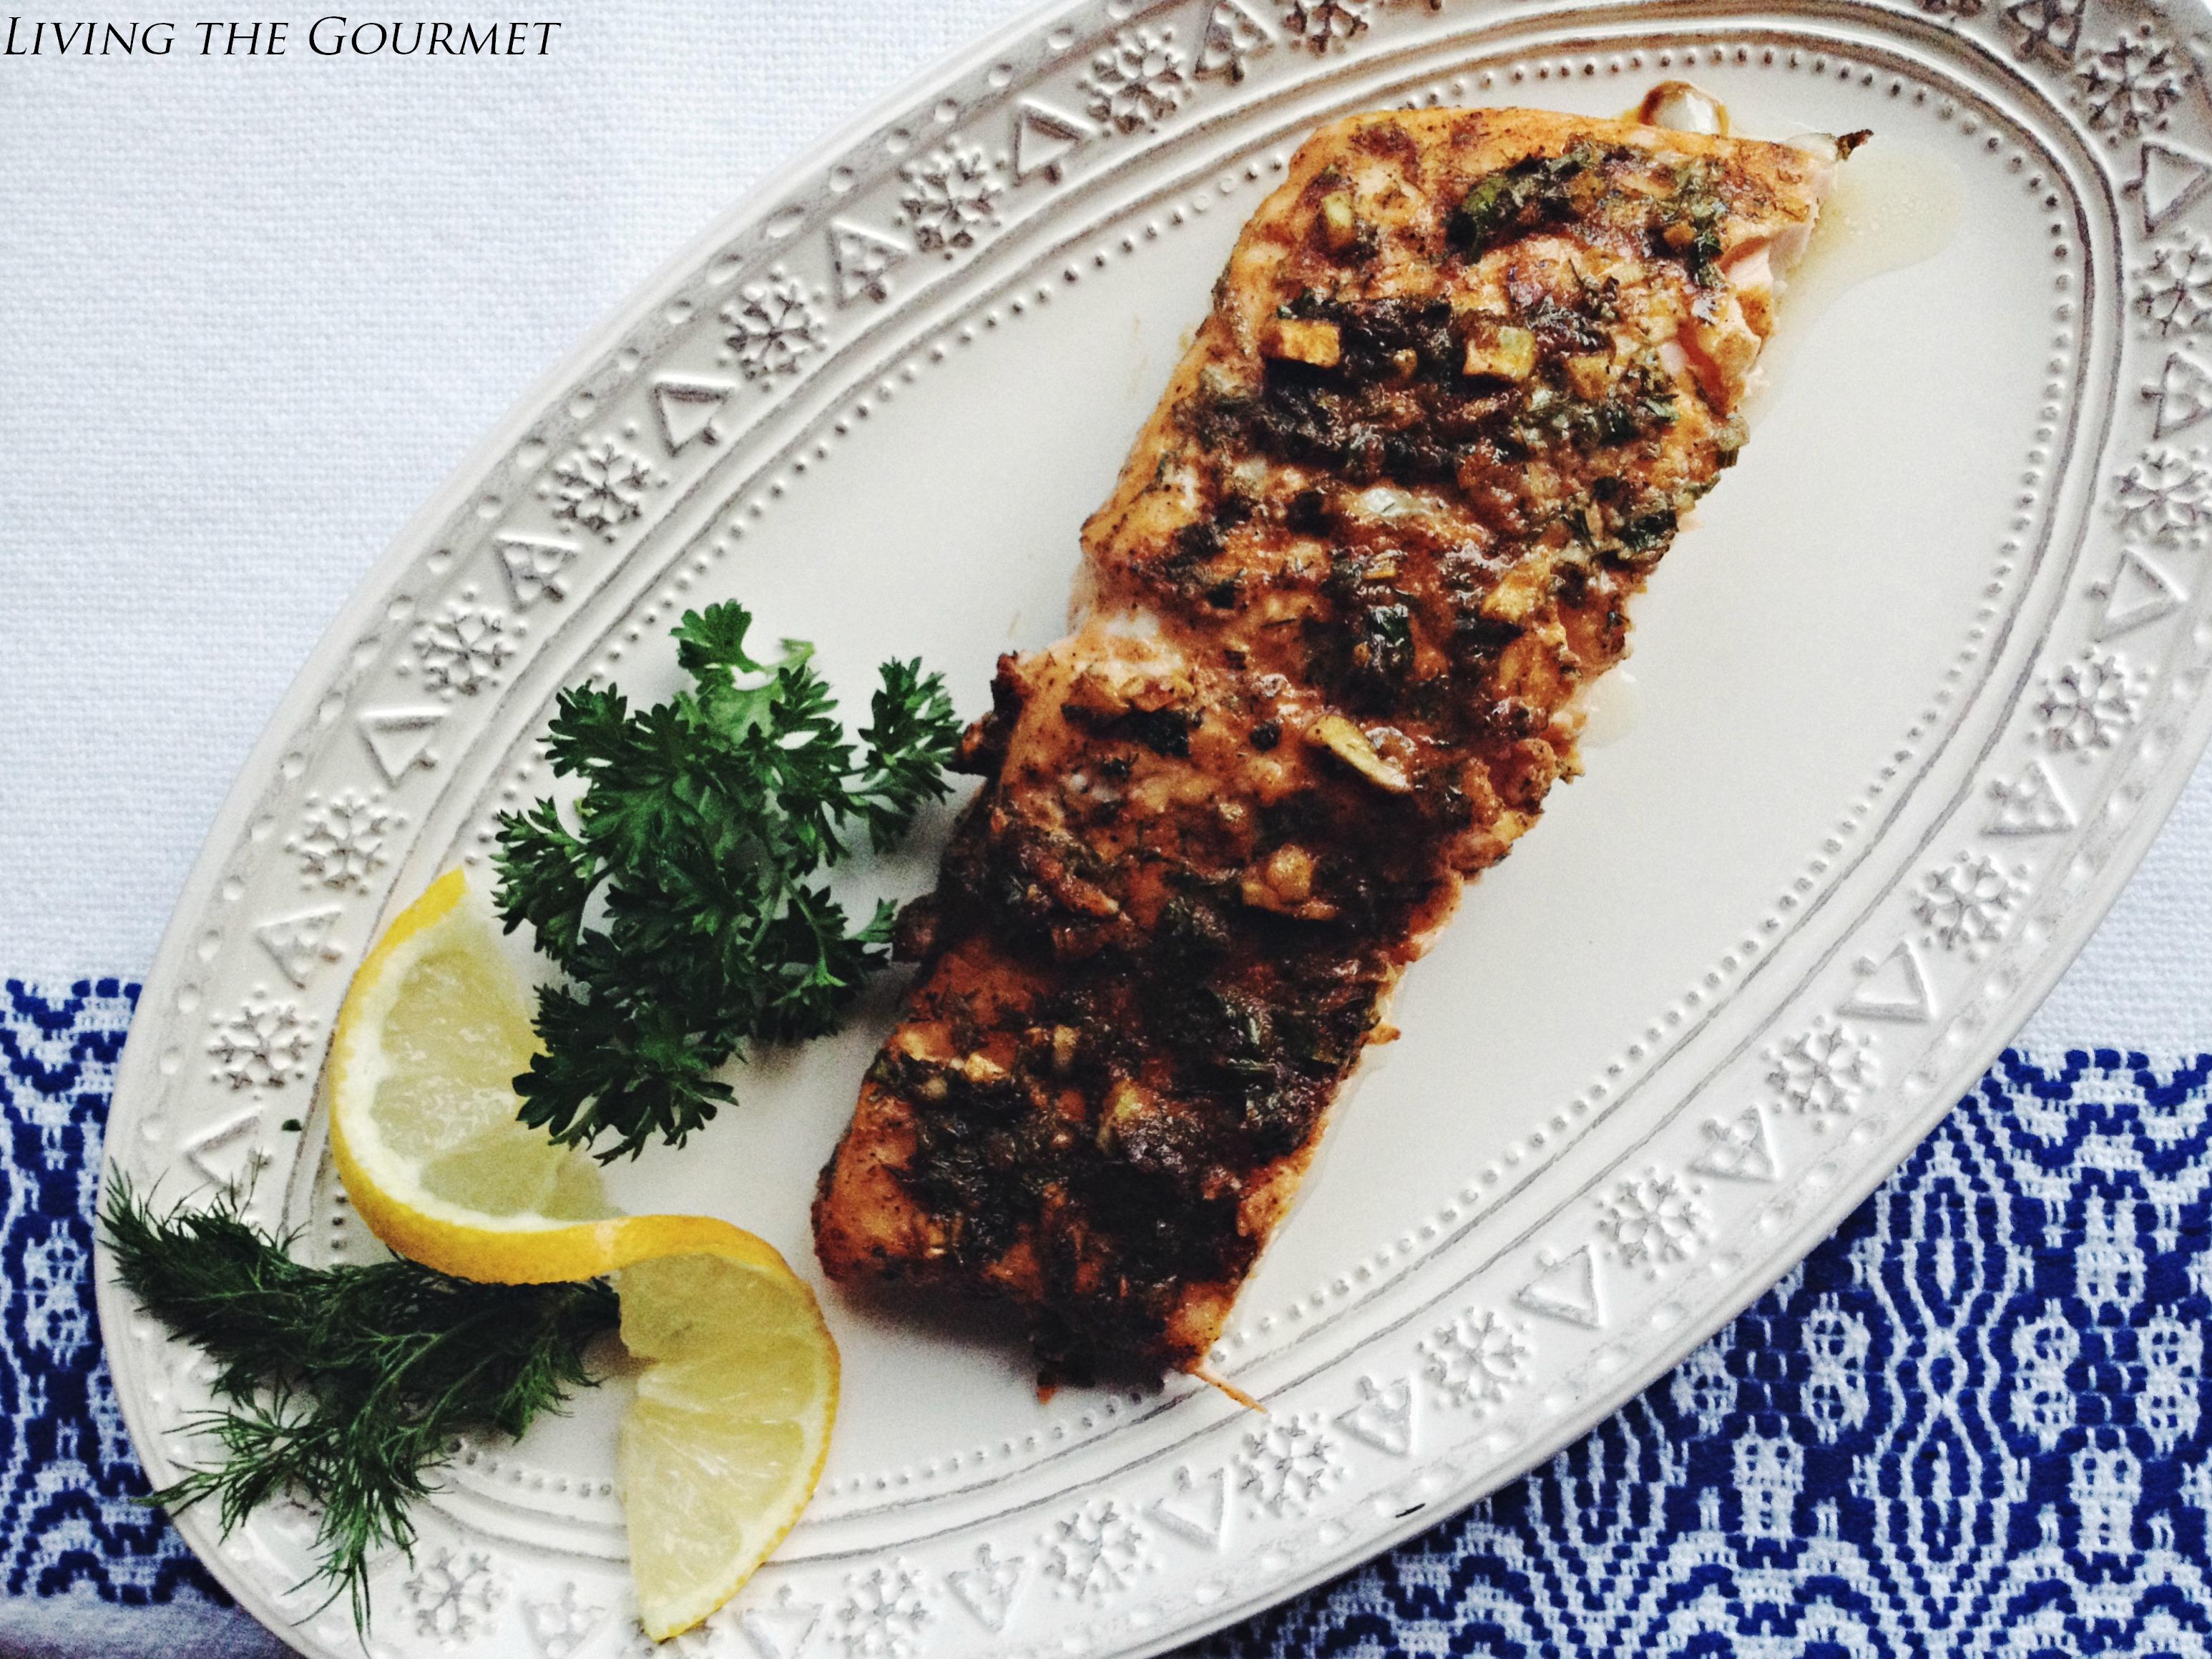 Living the Gourmet: Fresh Baked Salmon Filet